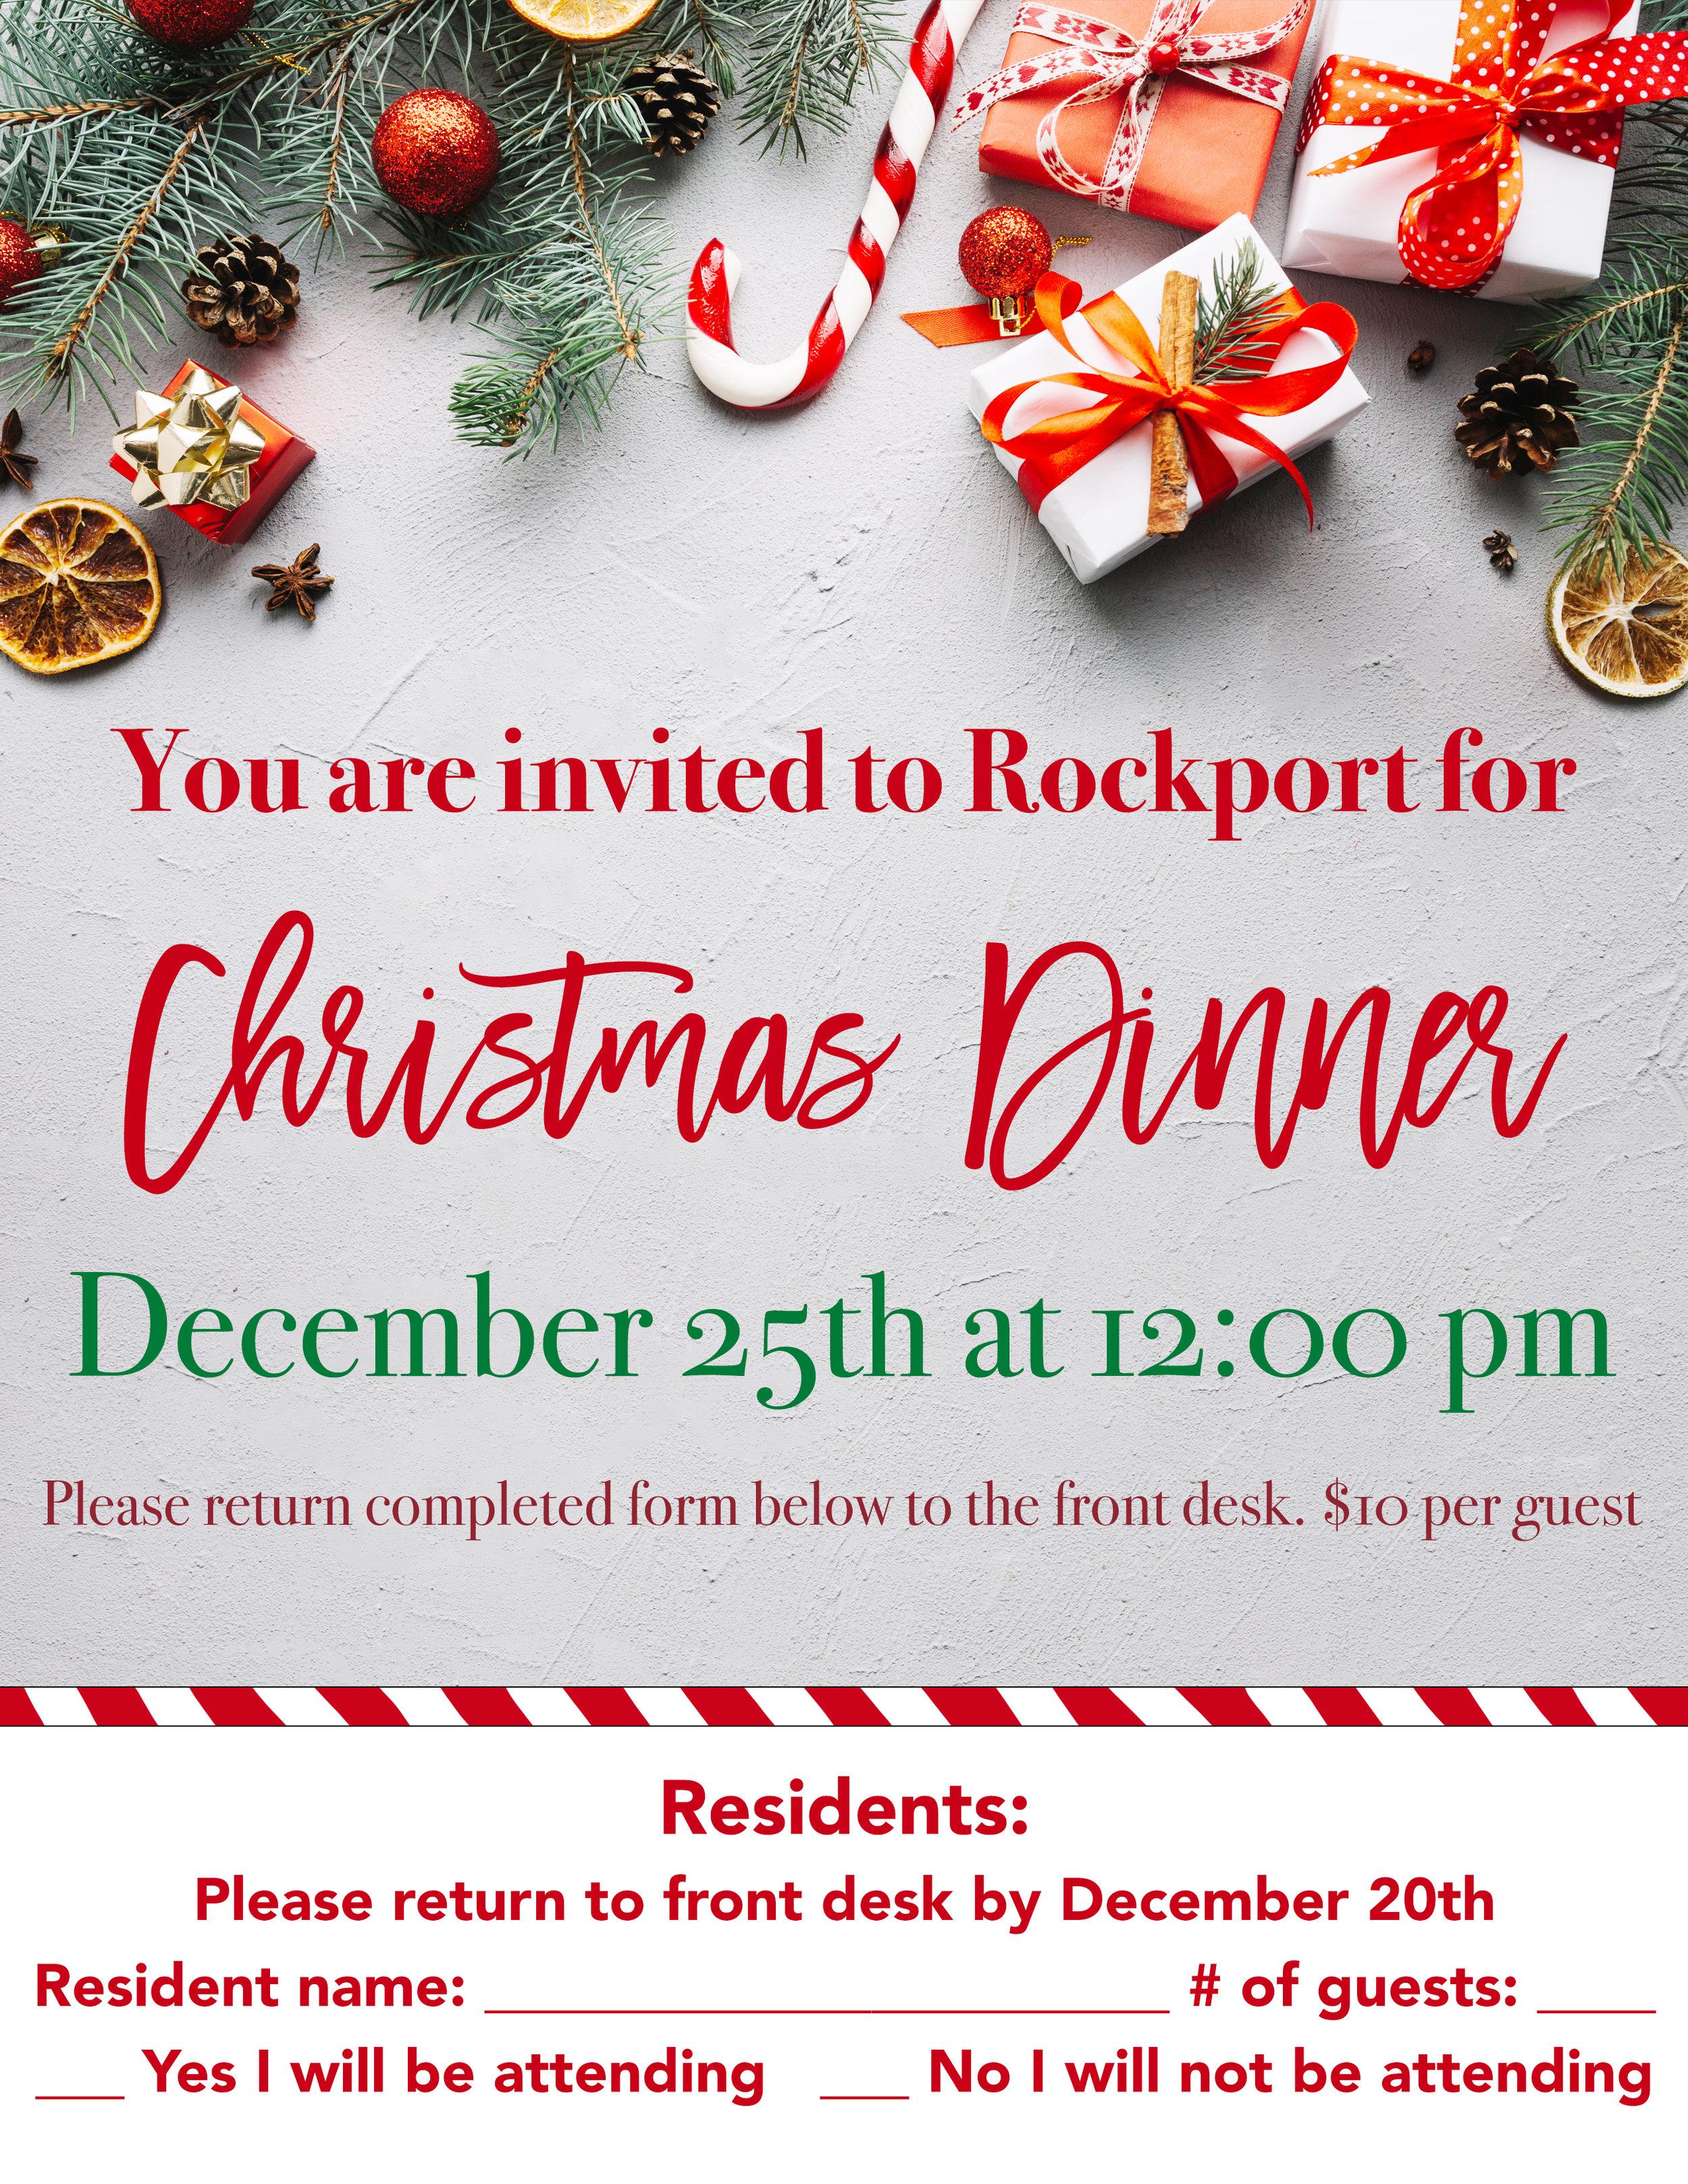 ChristmasInvite2017.jpg